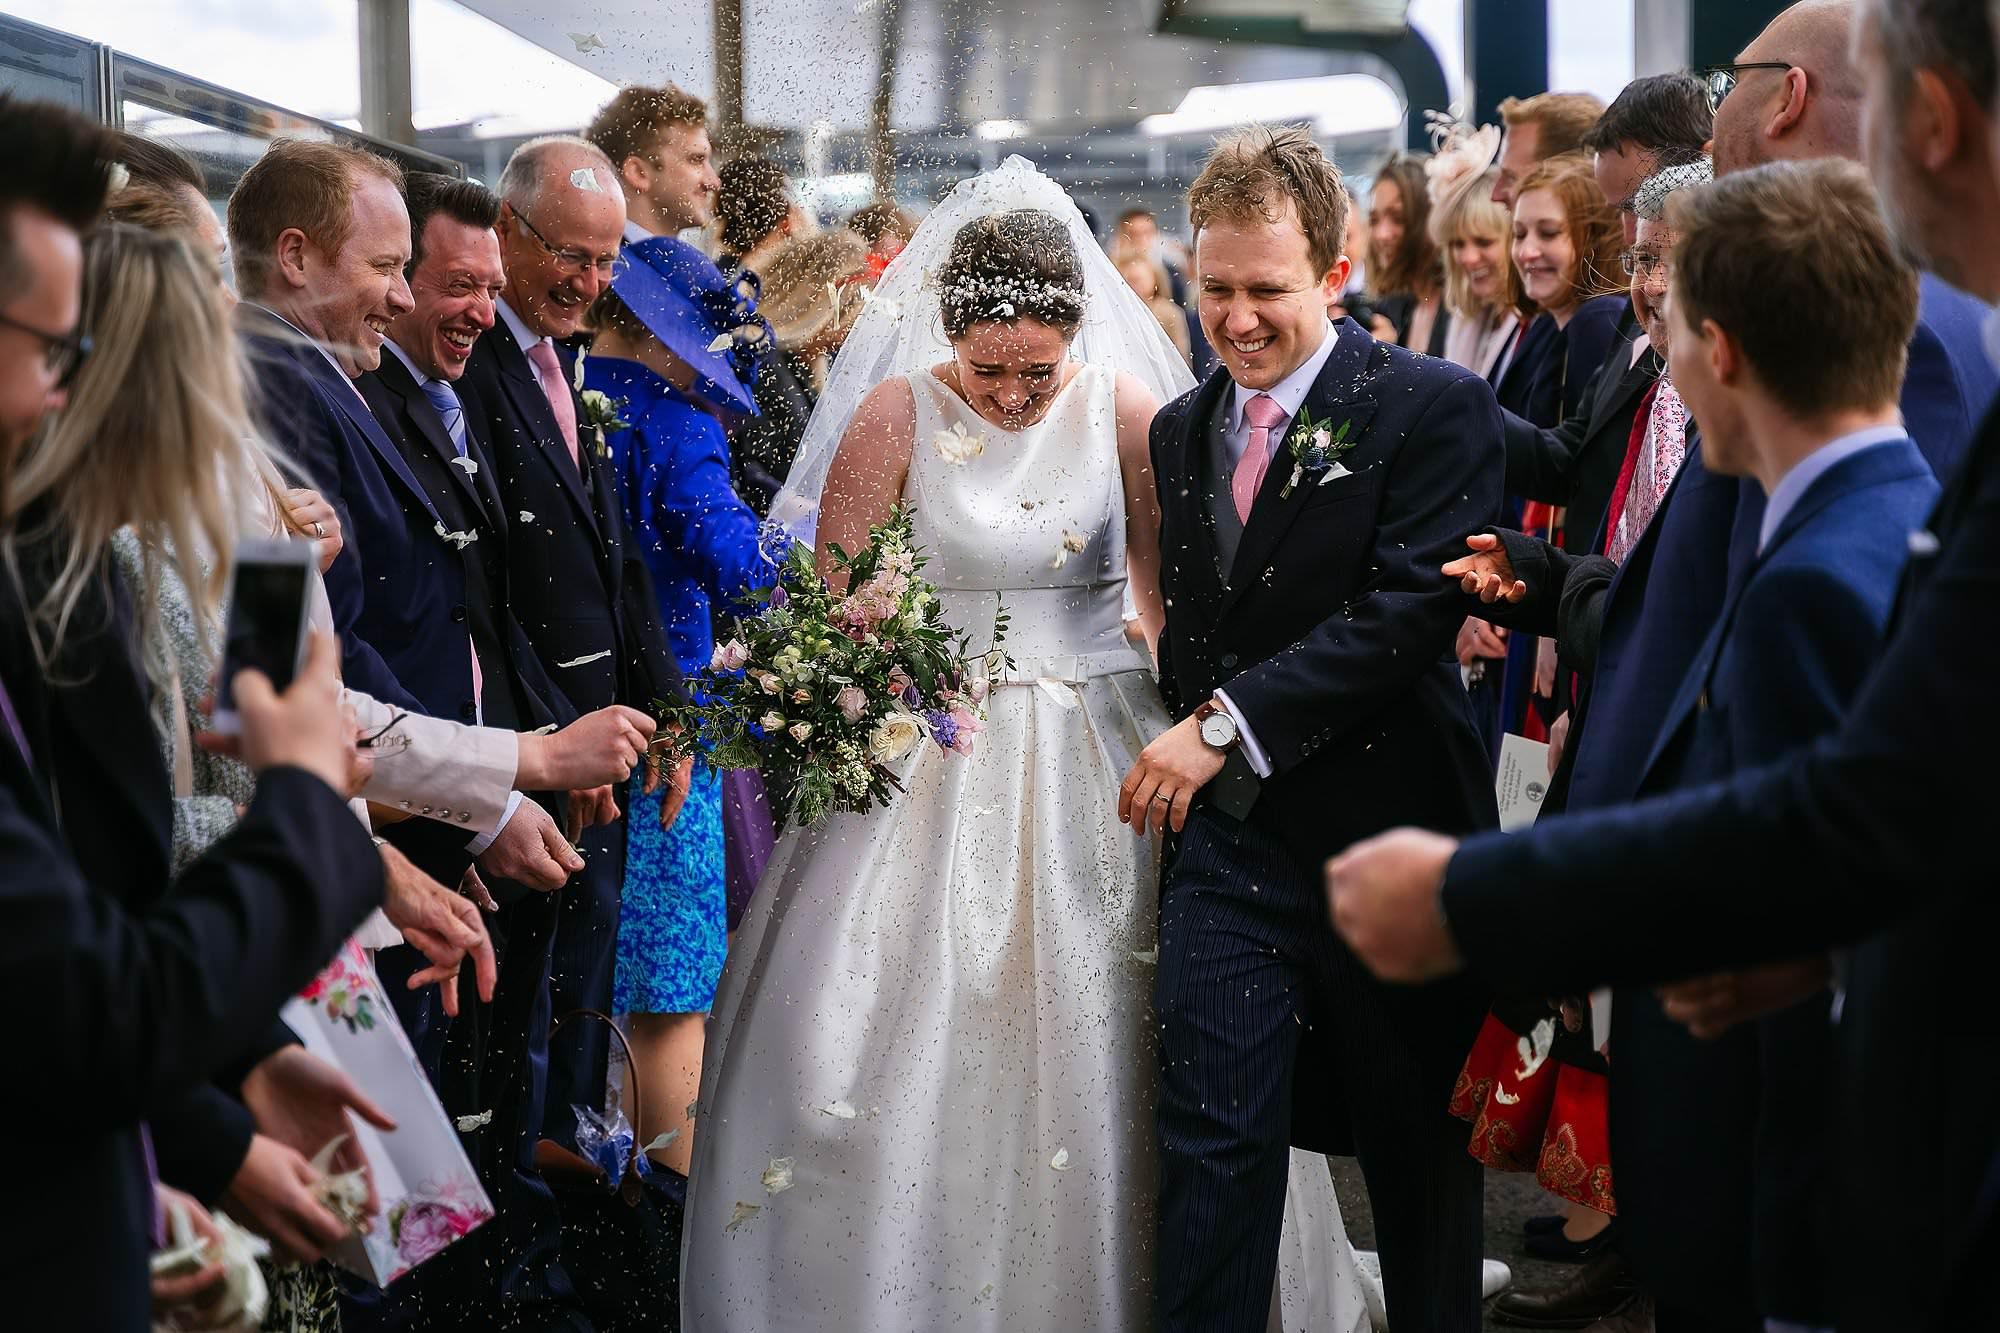 Thames river cruise wedding photos